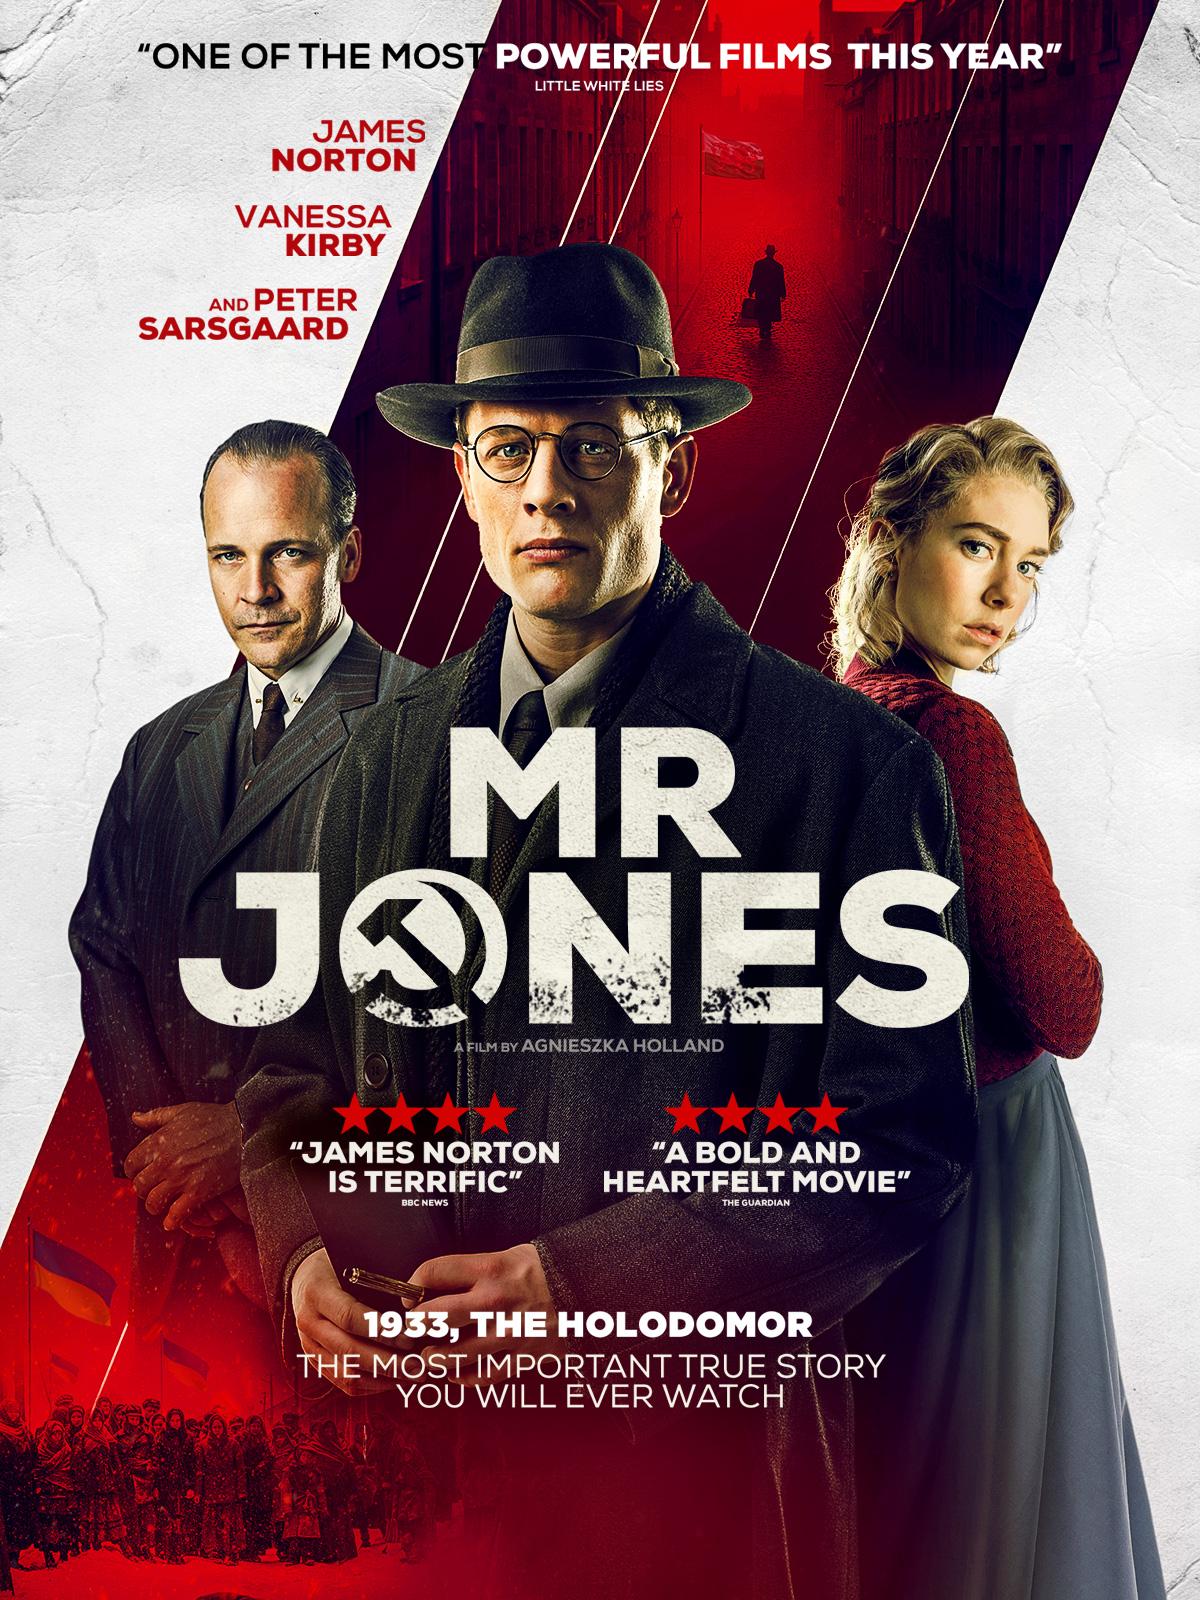 Peter Sarsgaard, James Norton, and Vanessa Kirby in Mr. Jones (2019)